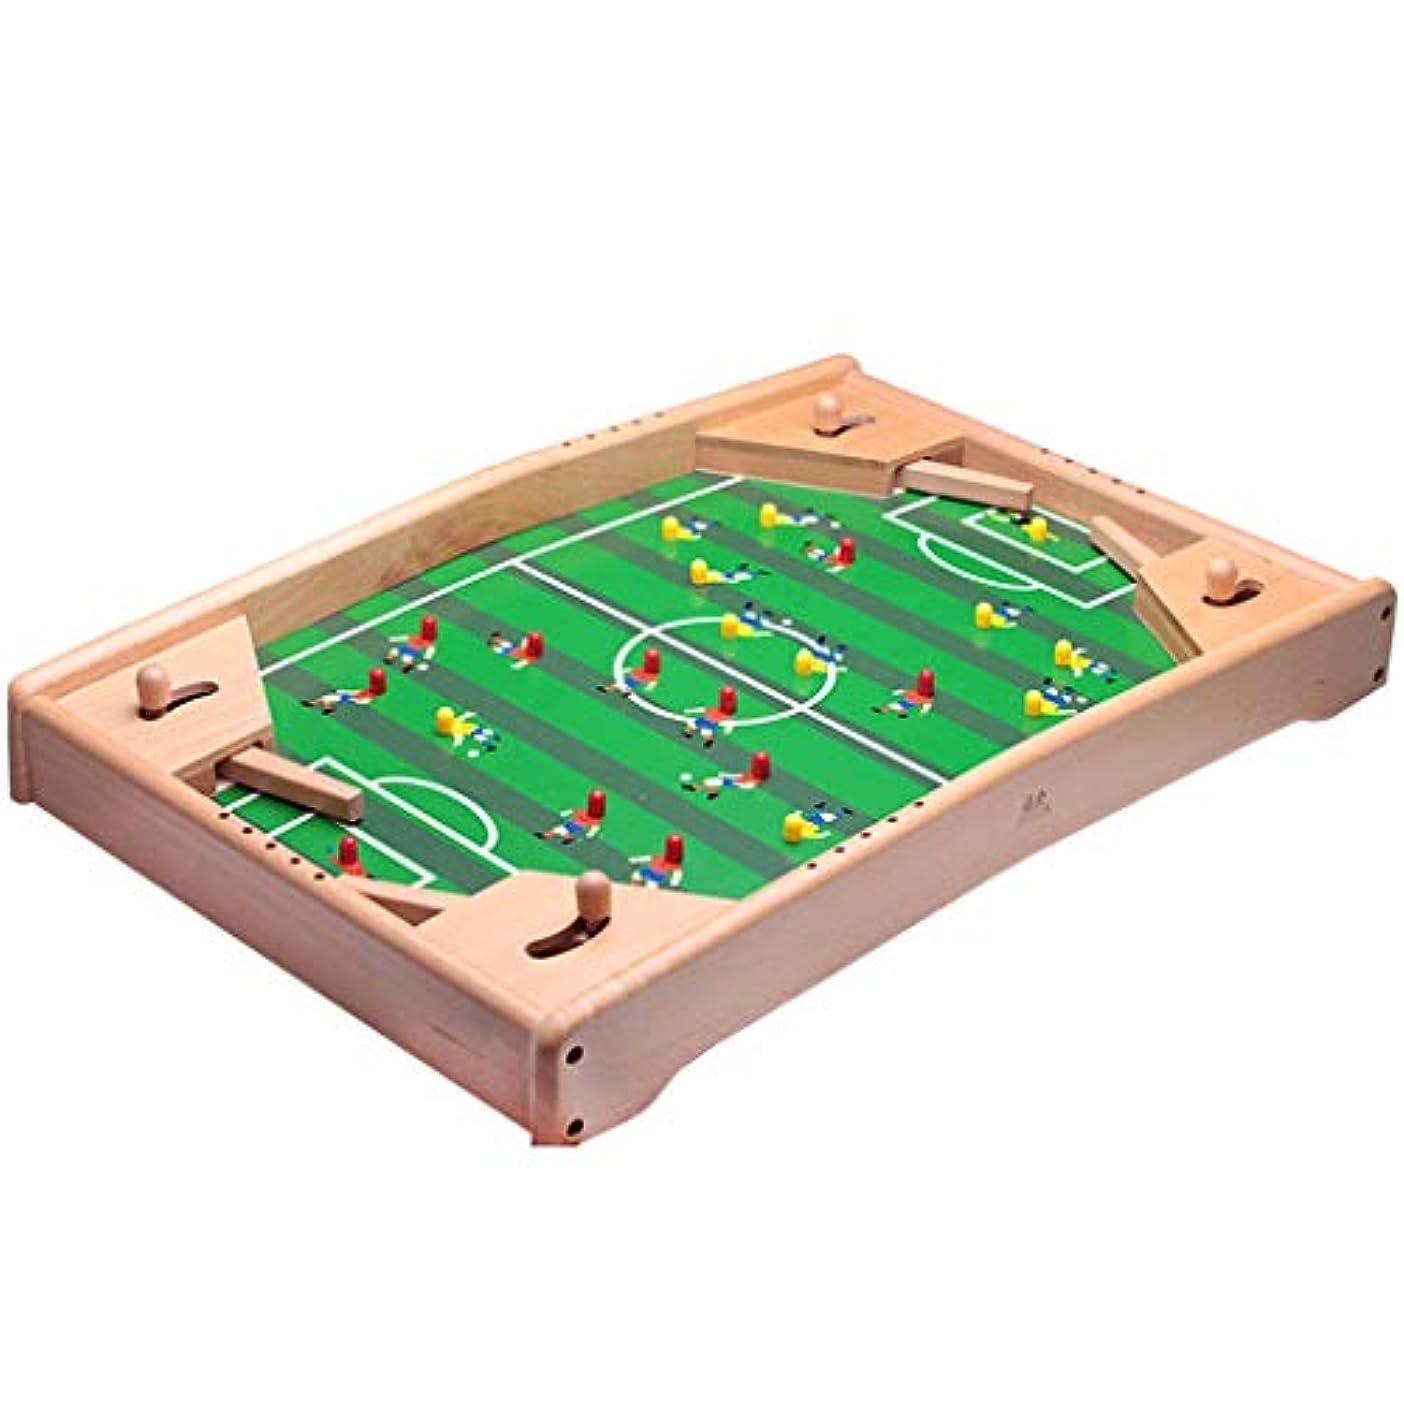 アボート合図のりテーブルサッカーフットボールの試合のおもちゃ家族親子のインタラクティブなおもちゃ子供の知恵ビリヤードおもちゃ二重競争のサッカーのおもちゃ子供の知的発達のおもちゃ (Color : GREEN, Size : 37.5*57*6CM)